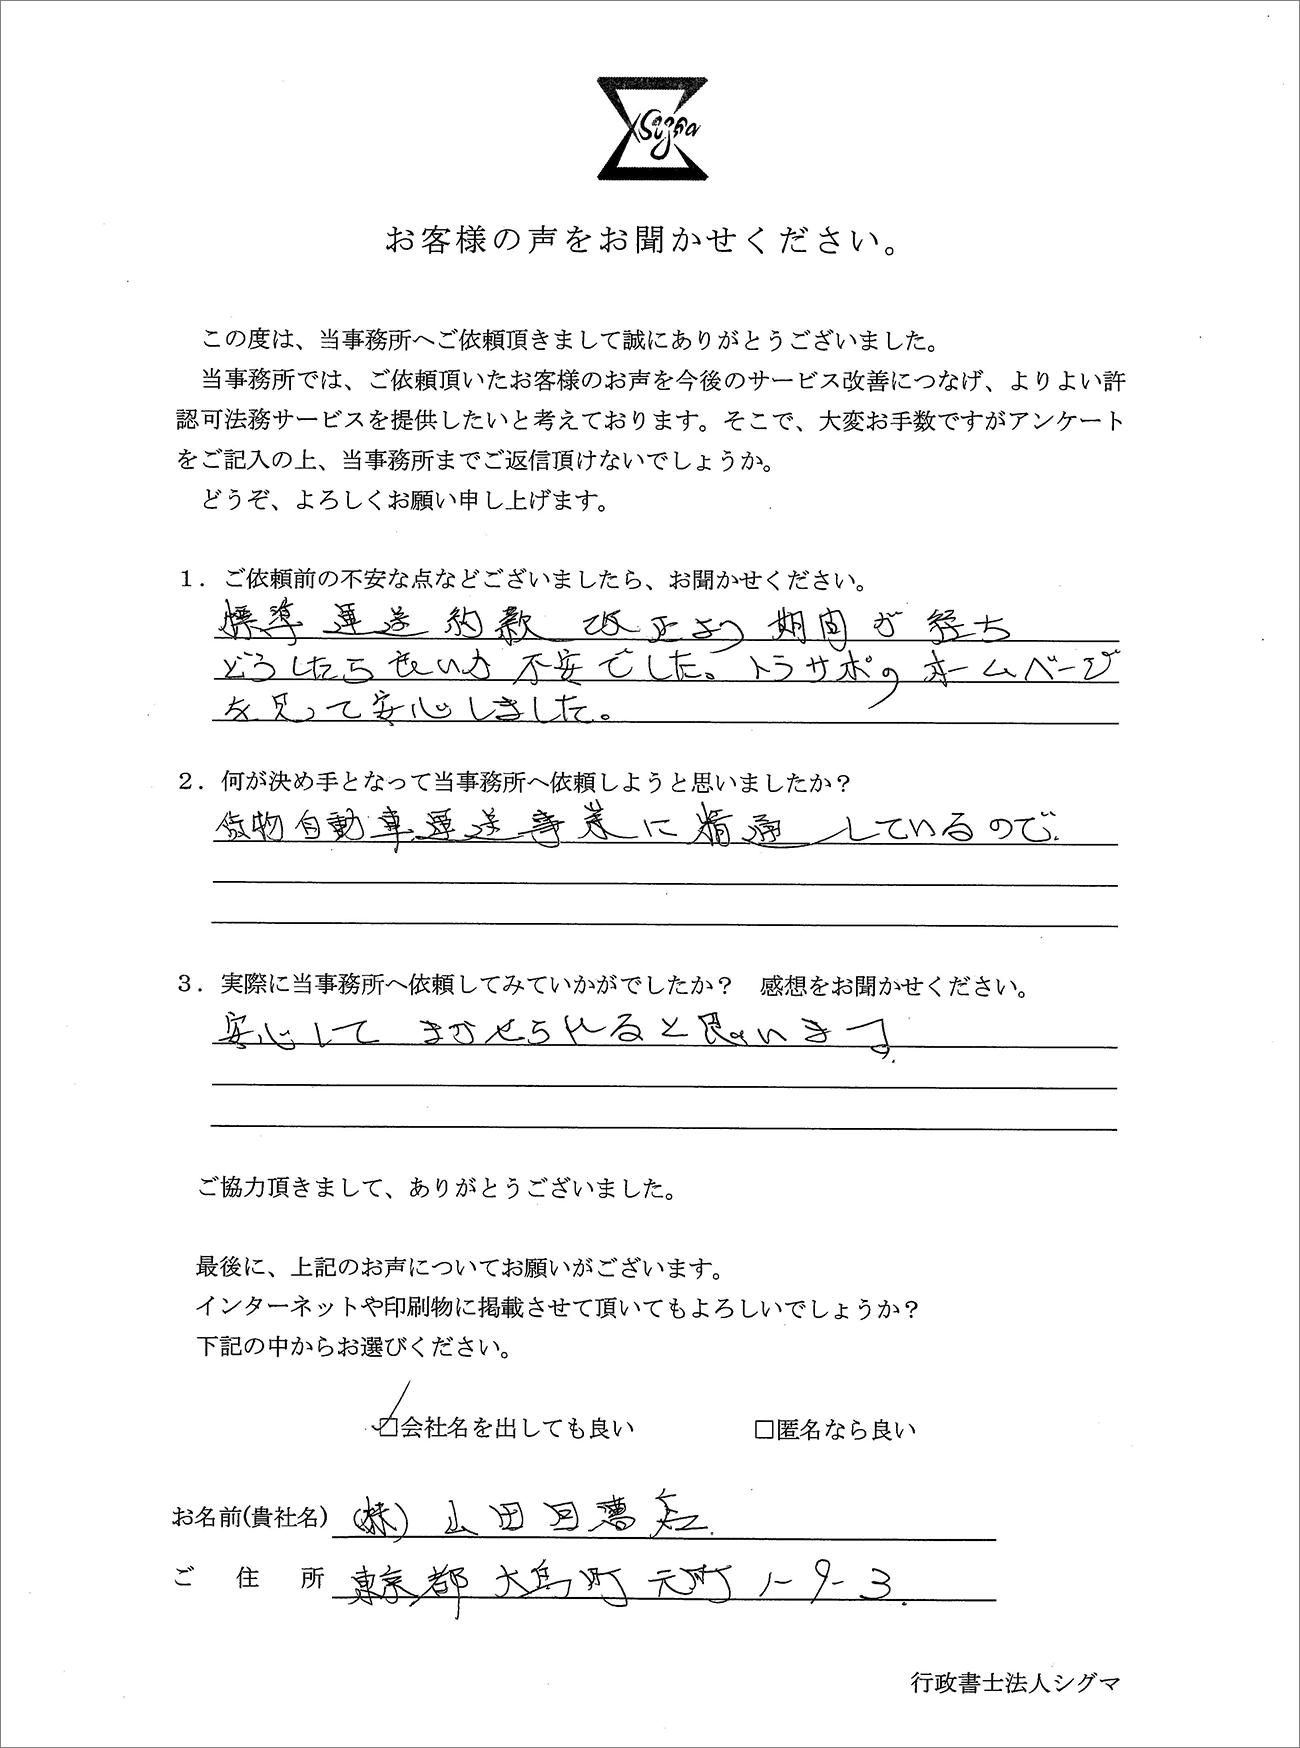 株式会社山田回漕店様アンケート